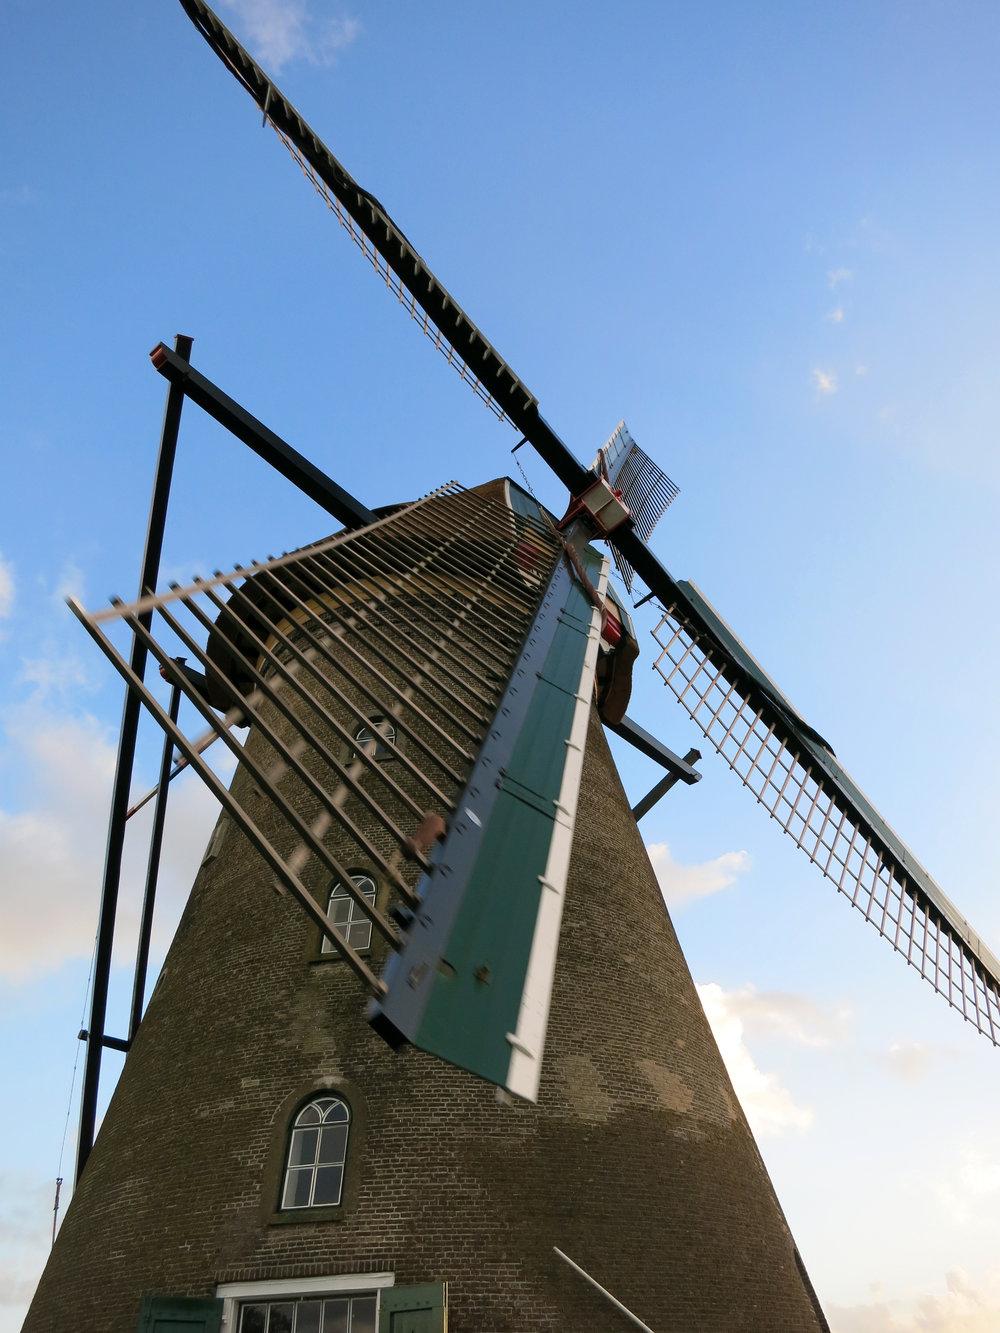 Kinderdijk - UNESCO World Heritage Site